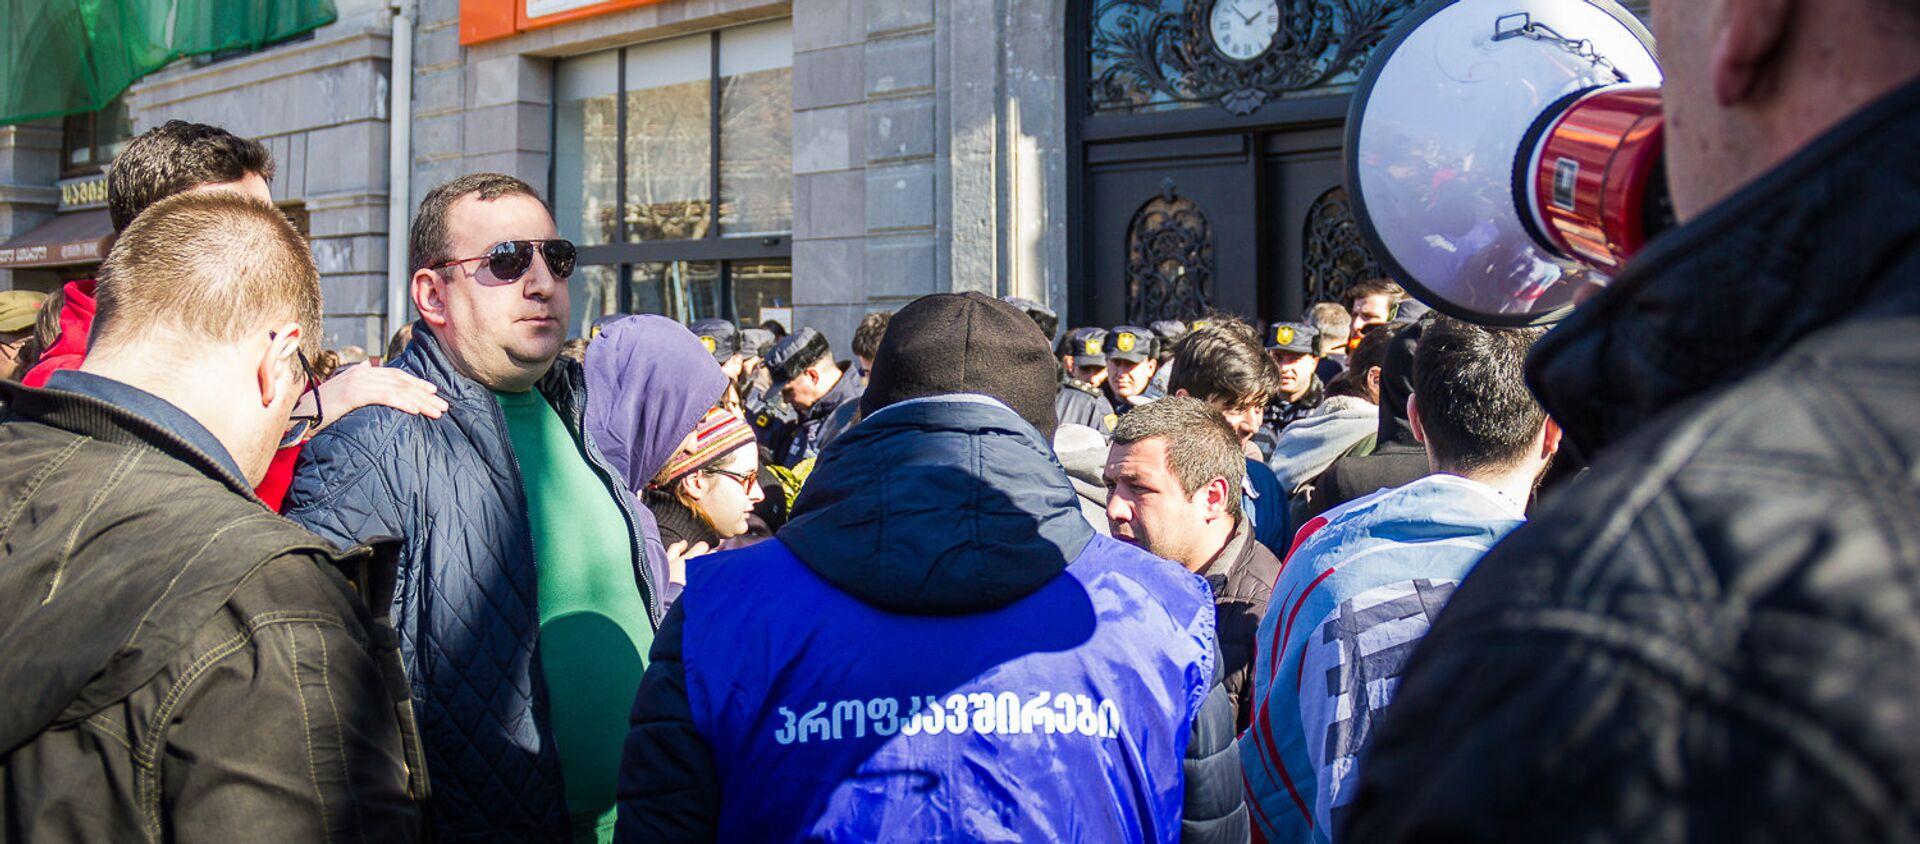 Уволенные сотрудники химзавода Руставский азот протестуют у Сакартвелос банки - Sputnik Грузия, 1920, 27.04.2021